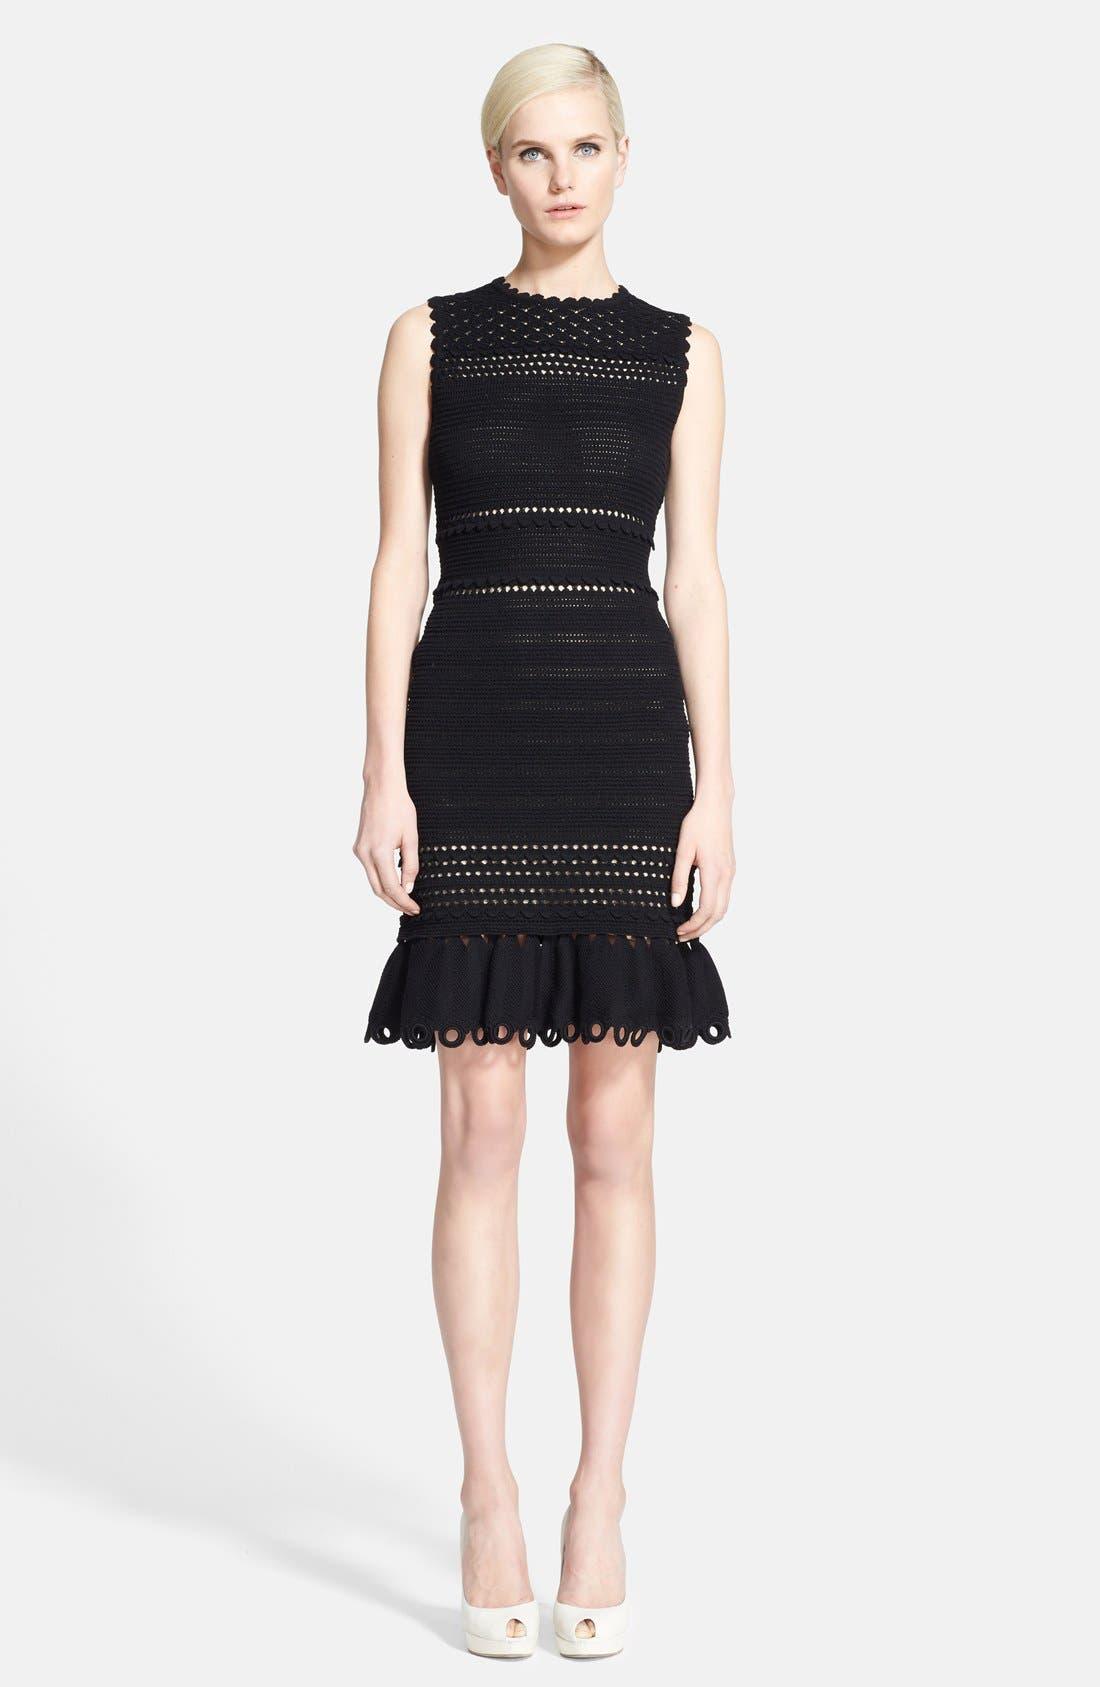 Main Image - Alexander McQueen Sleeveless Crochet Dress